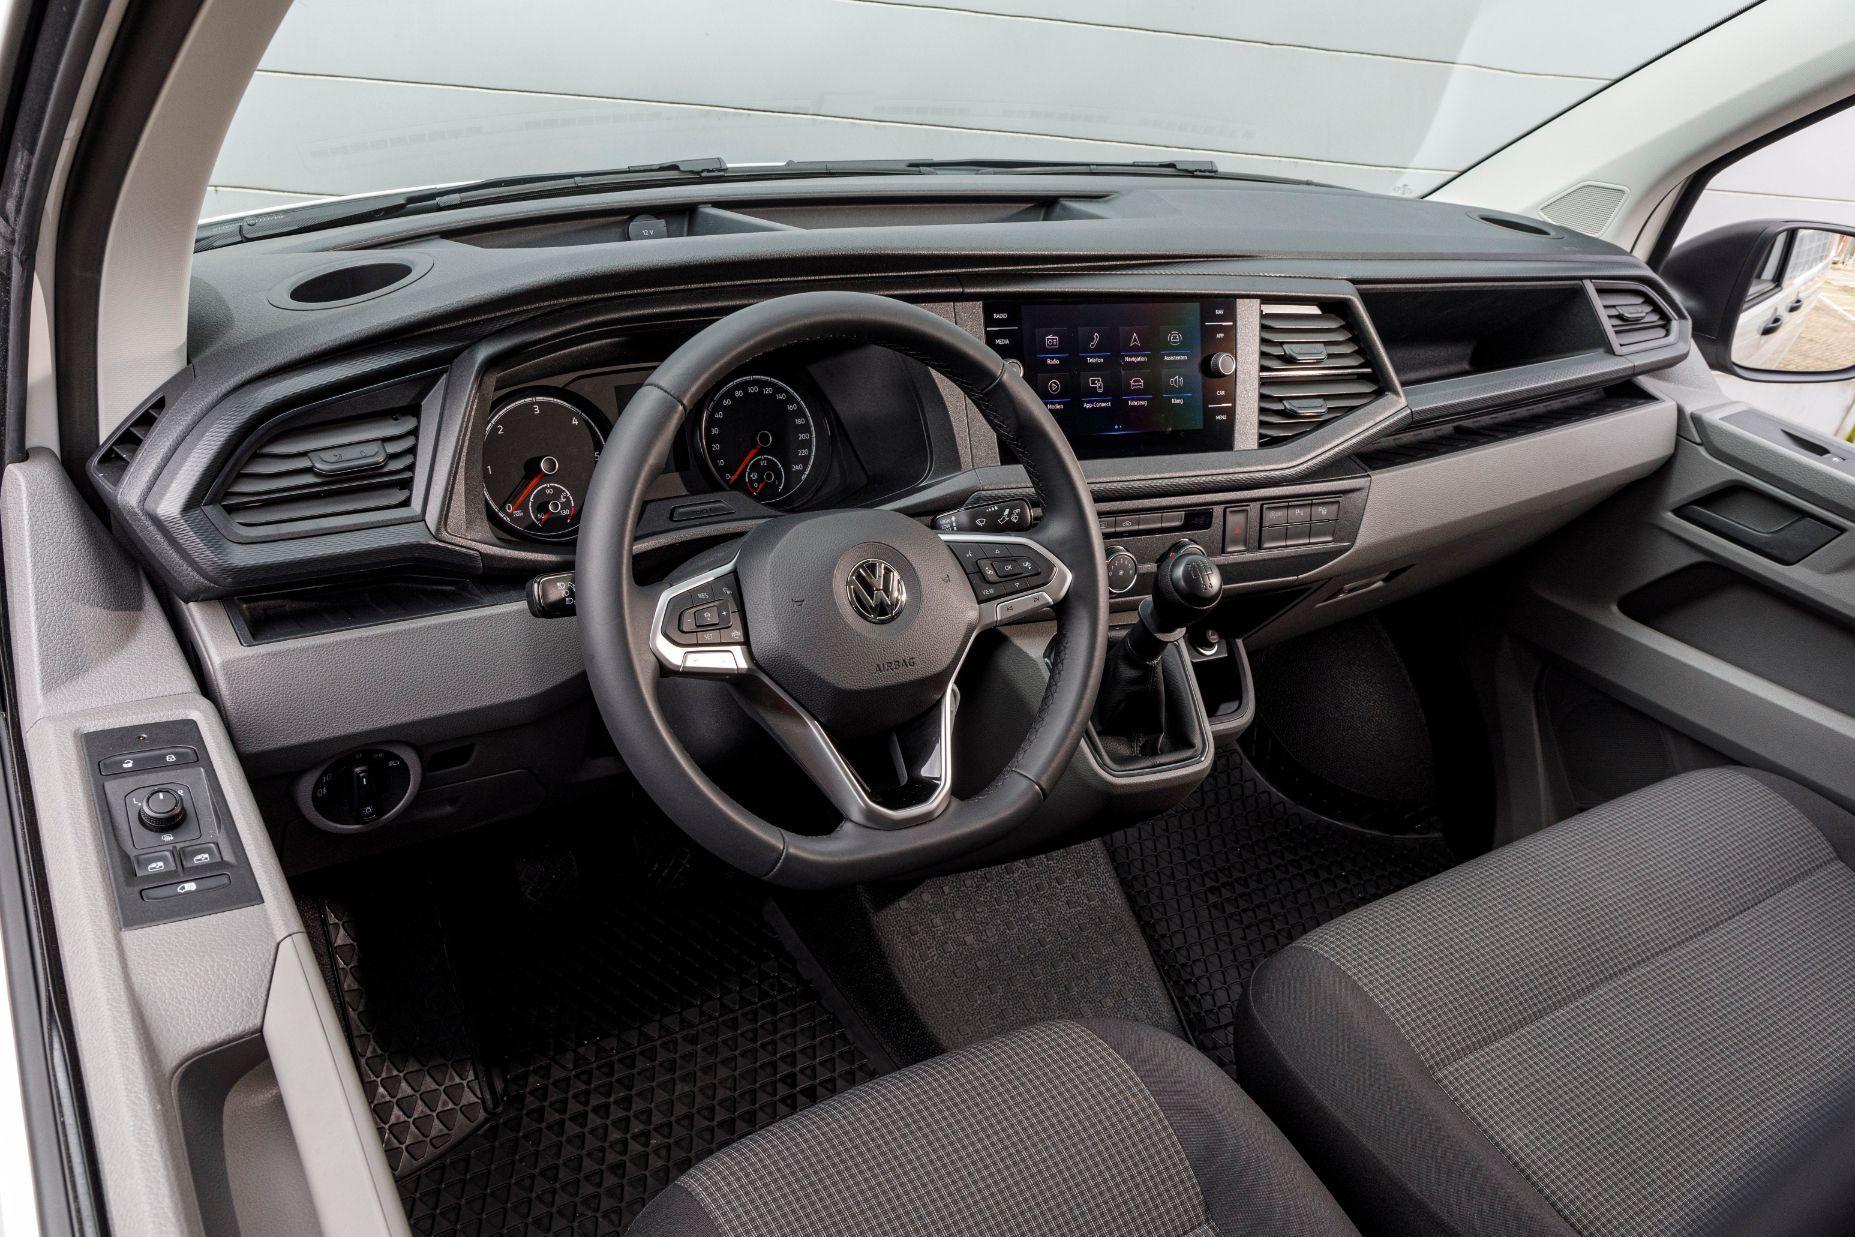 VW Transporter cockpit